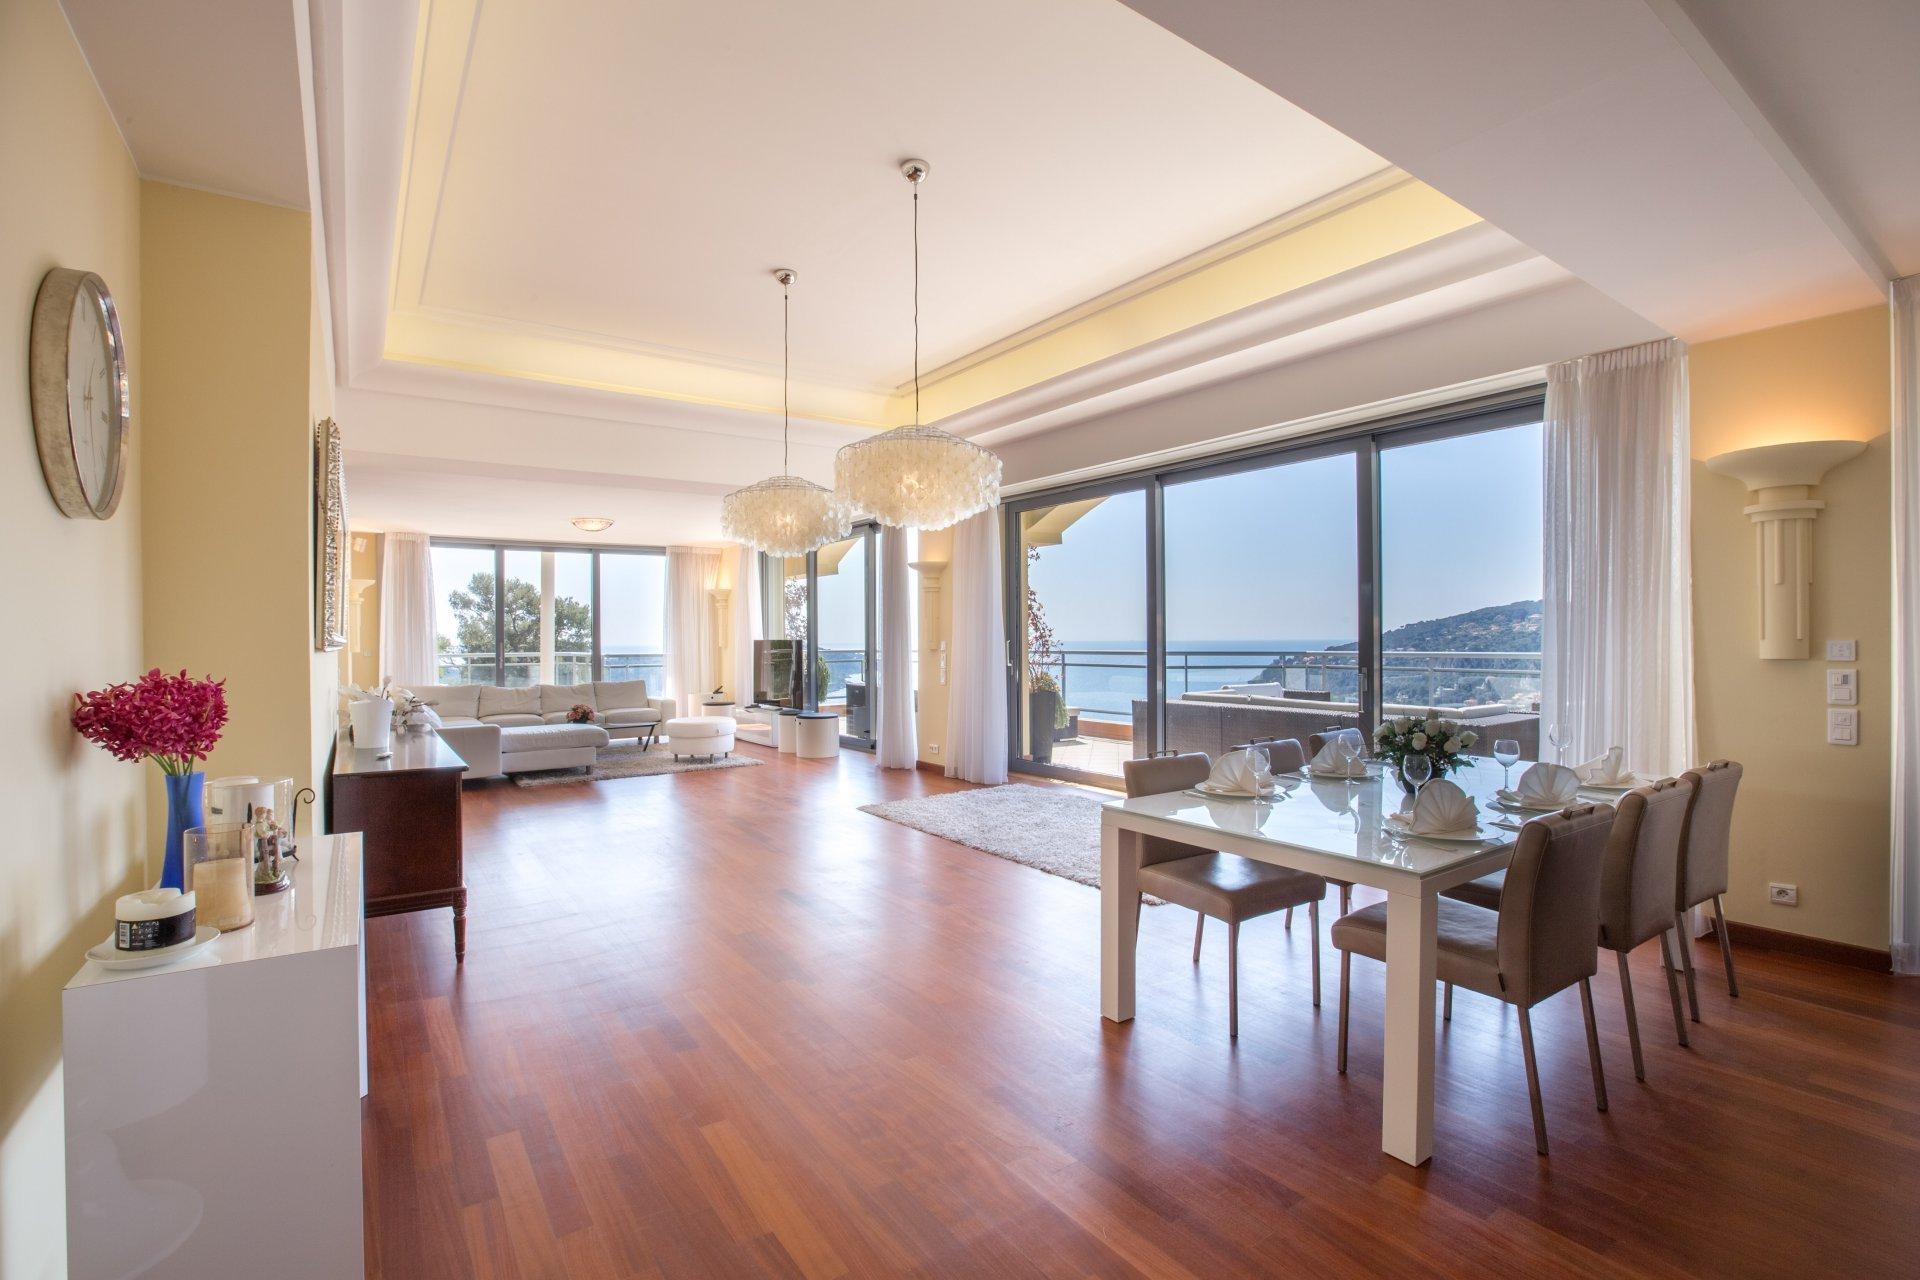 Verkauf Apartment Villa - Villefranche-sur-Mer - Frankreich